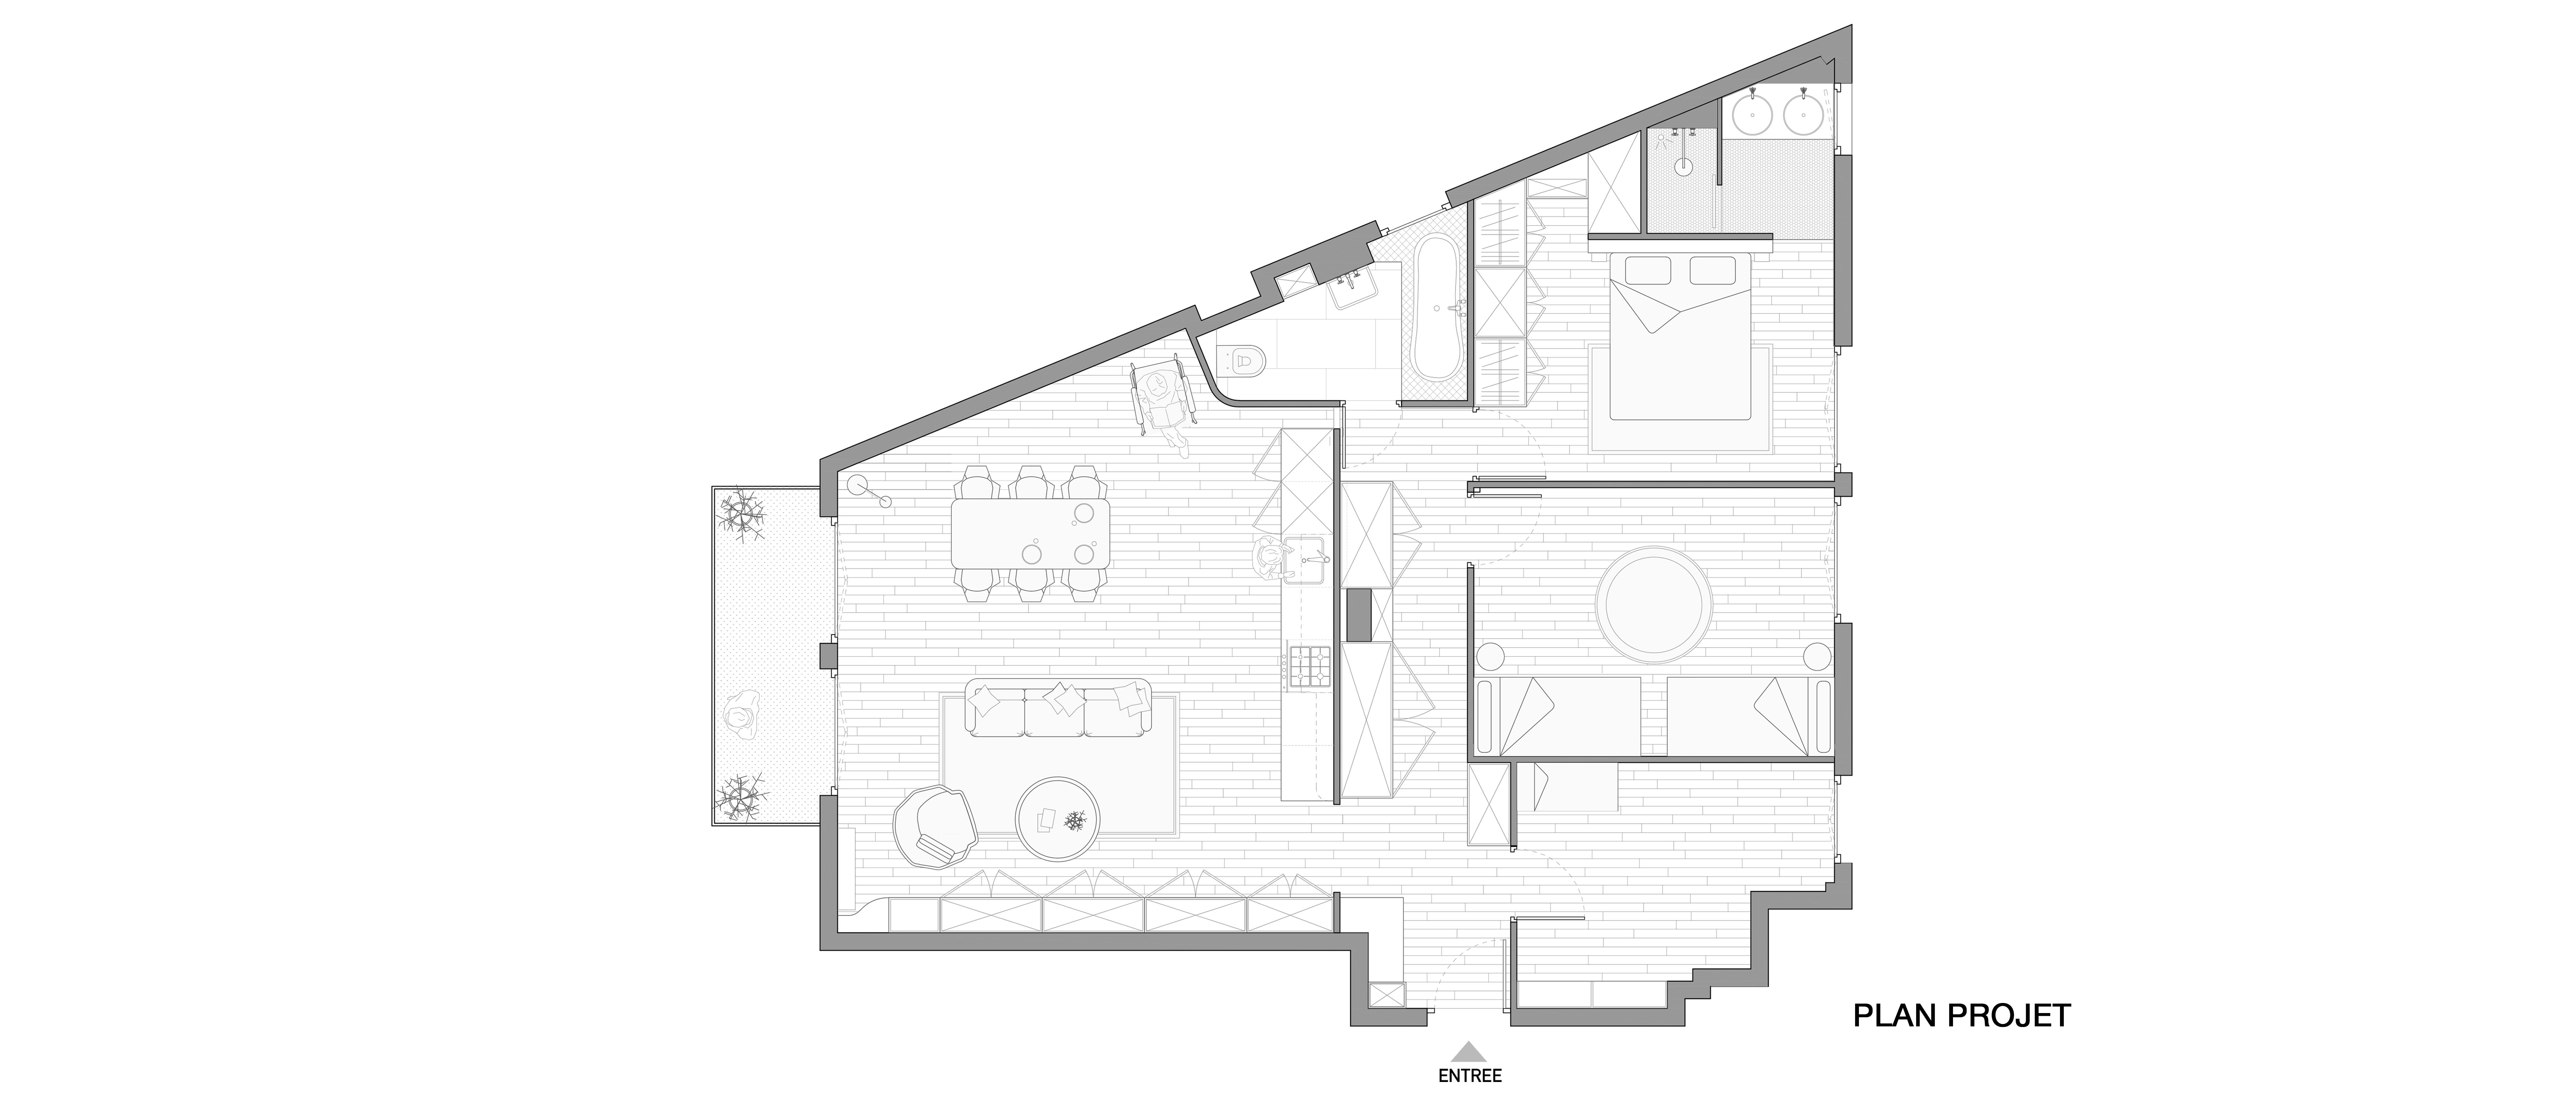 atelier-steve-appartement-est-renovation-architecture-interieure-paris-plan-projet